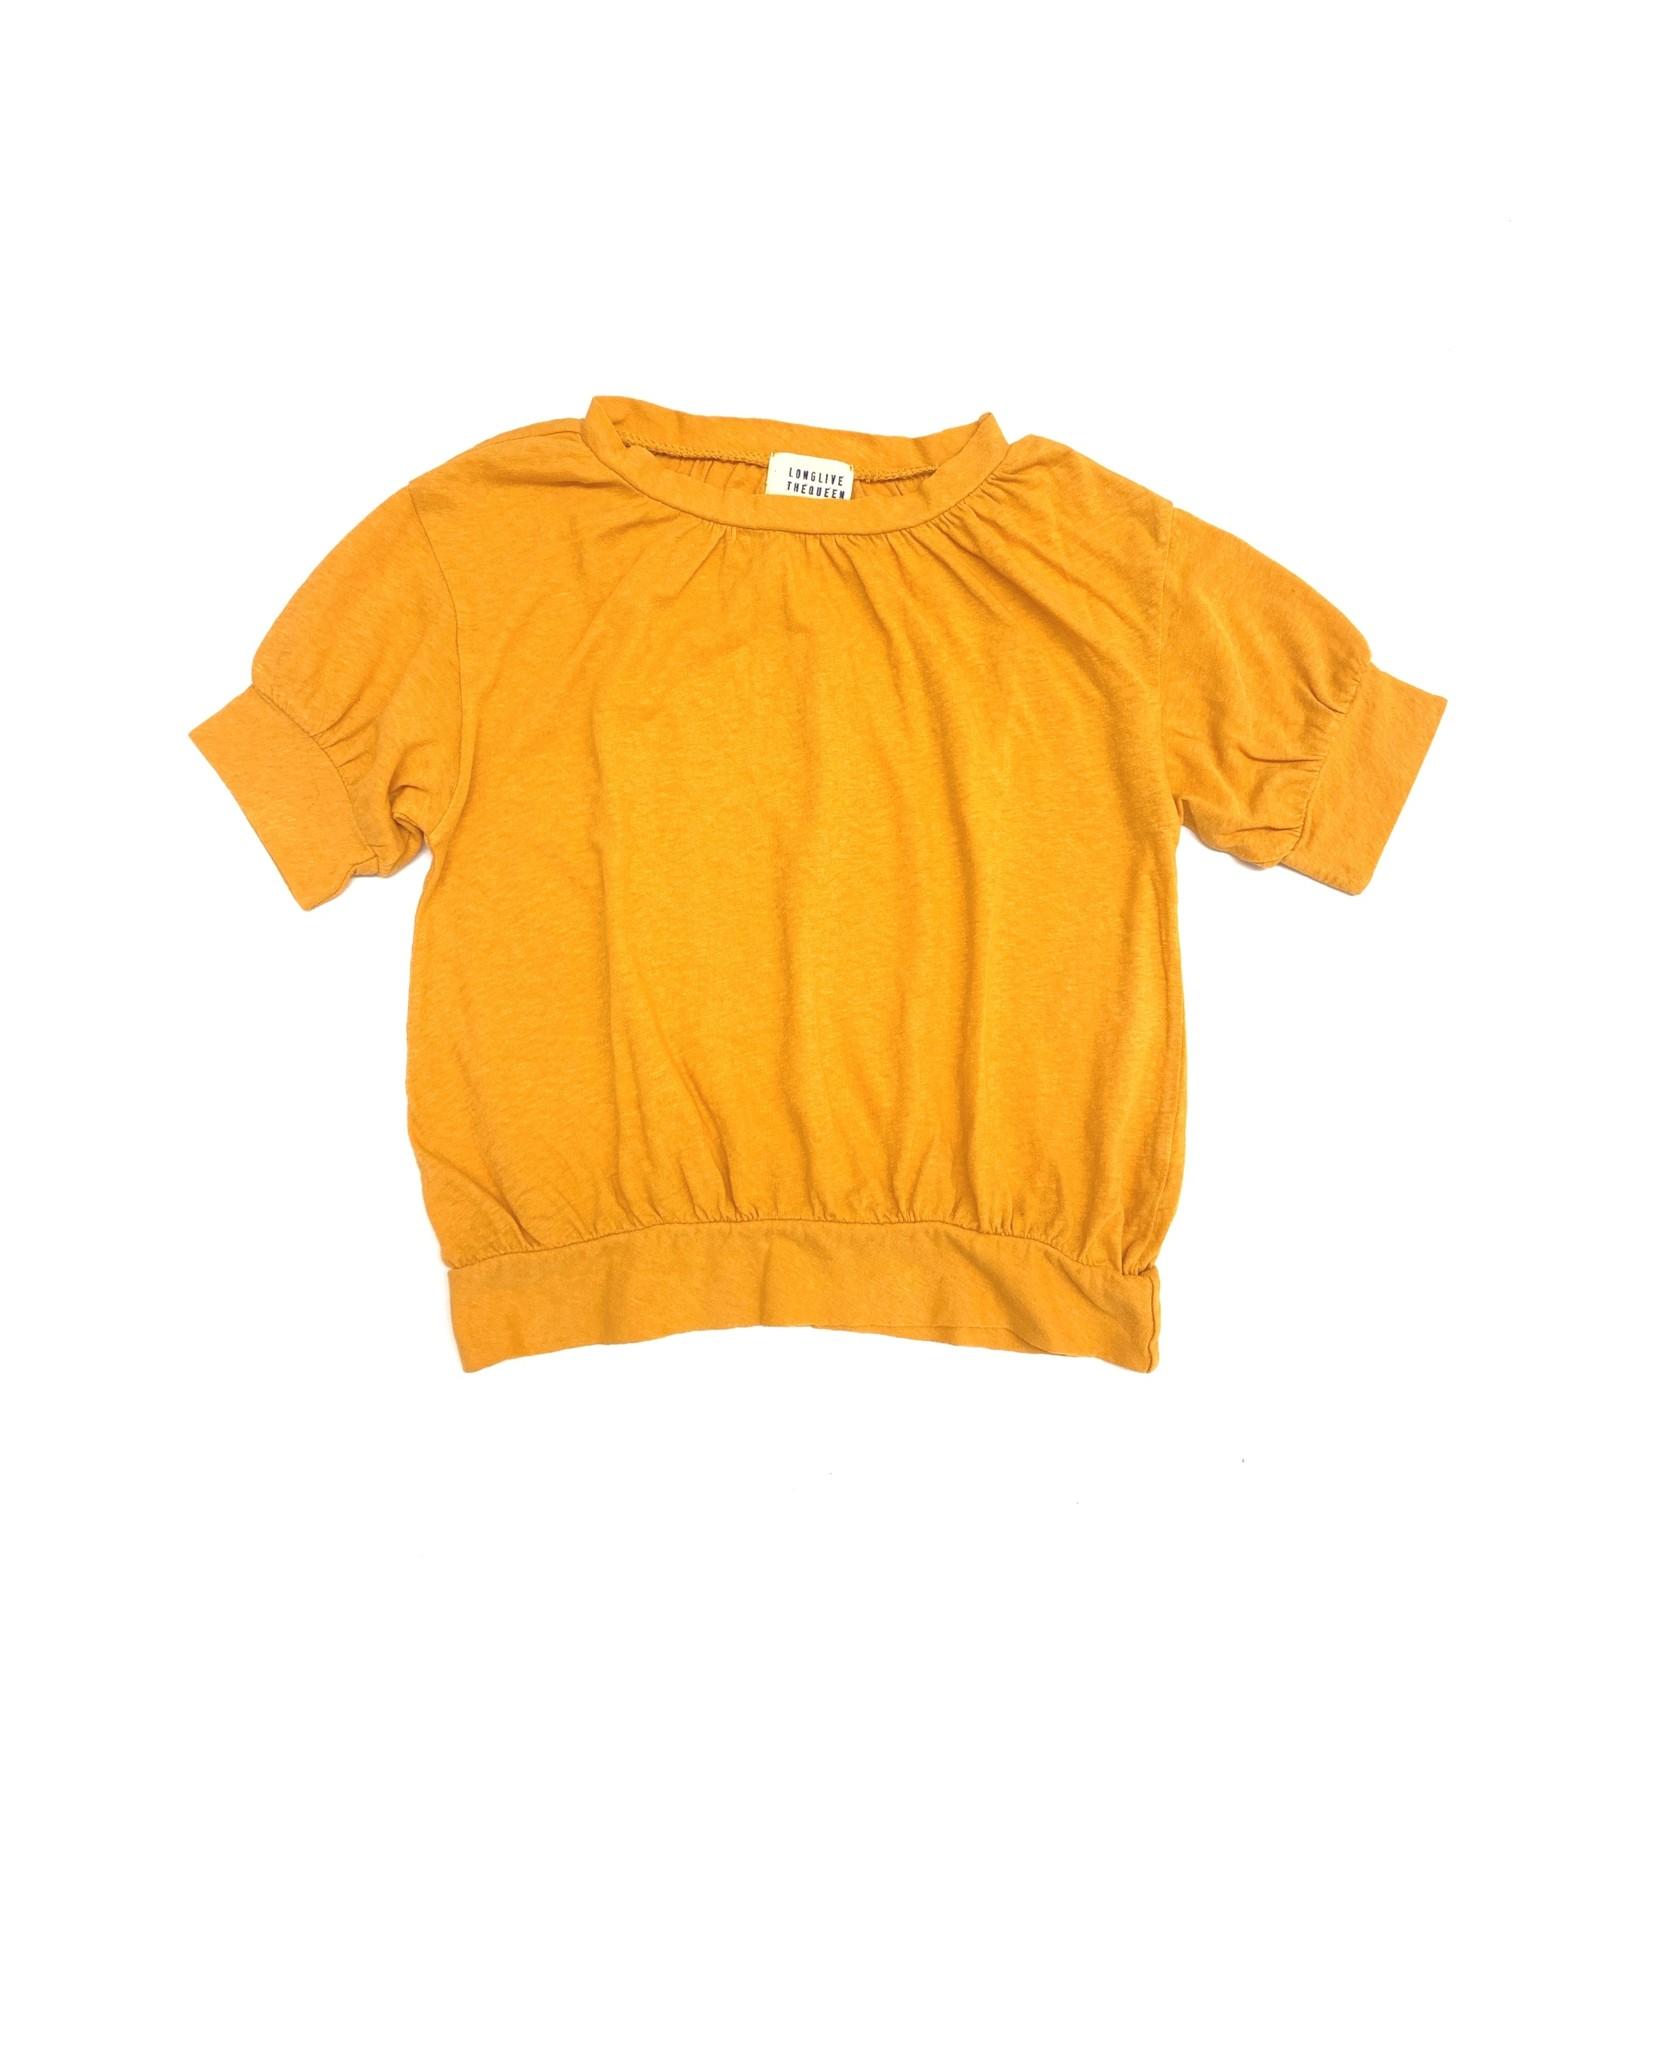 T-shirt puff golden yellow-1